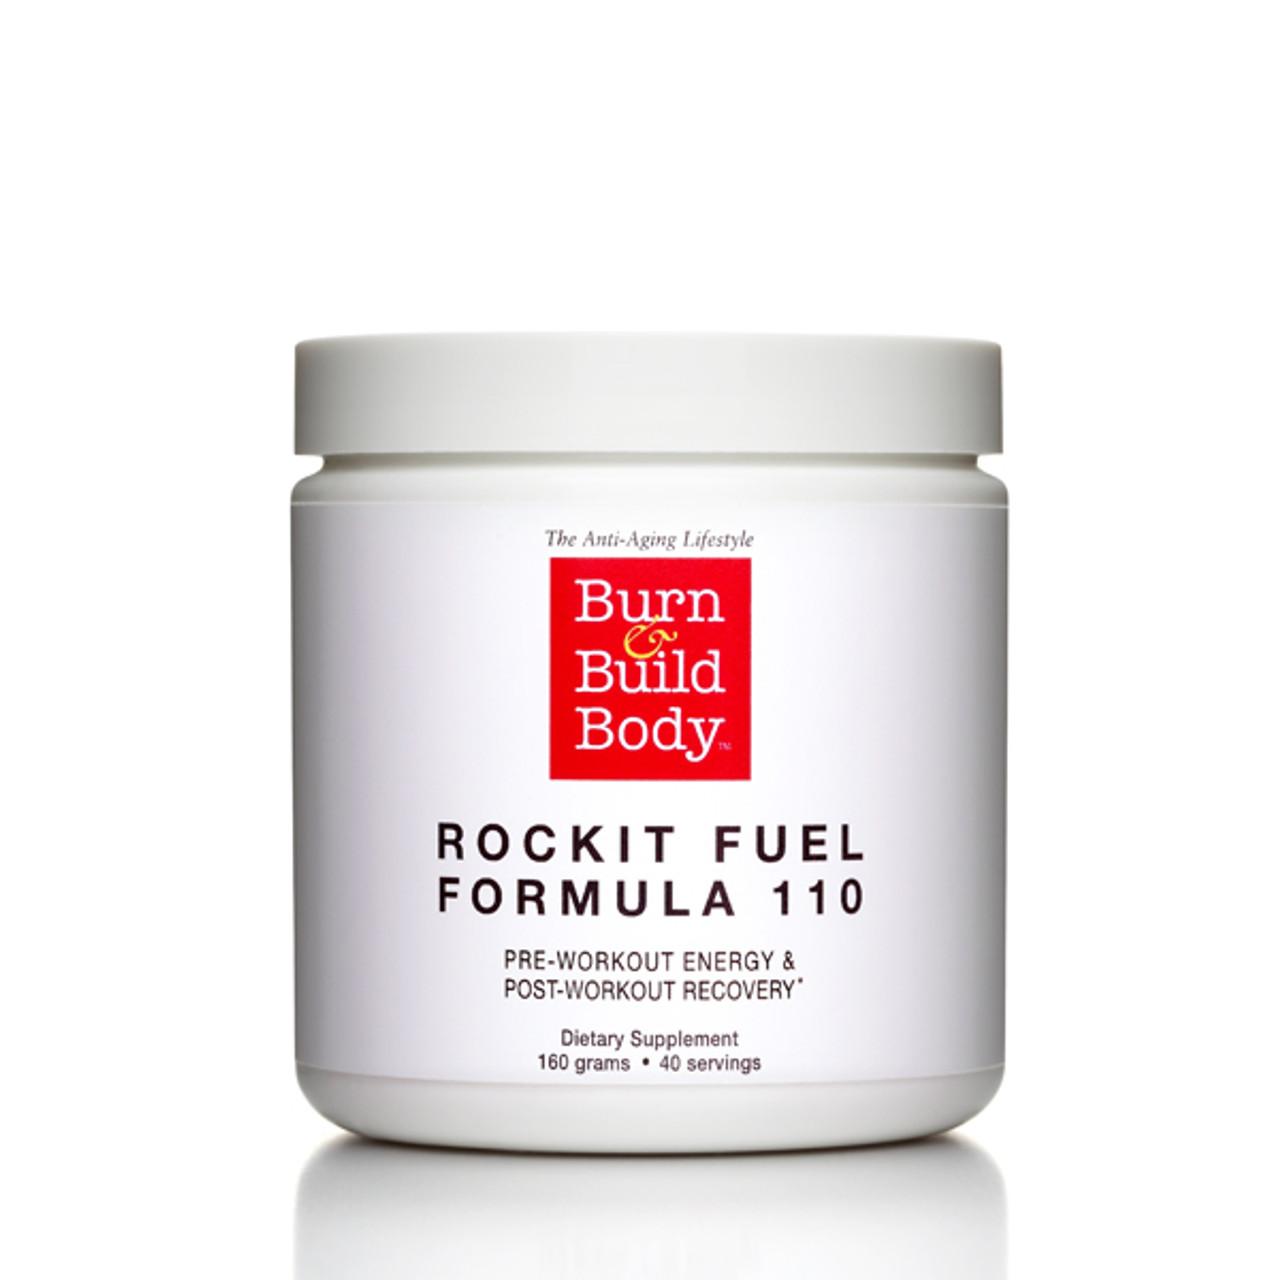 Rockit Fuel Formula 110